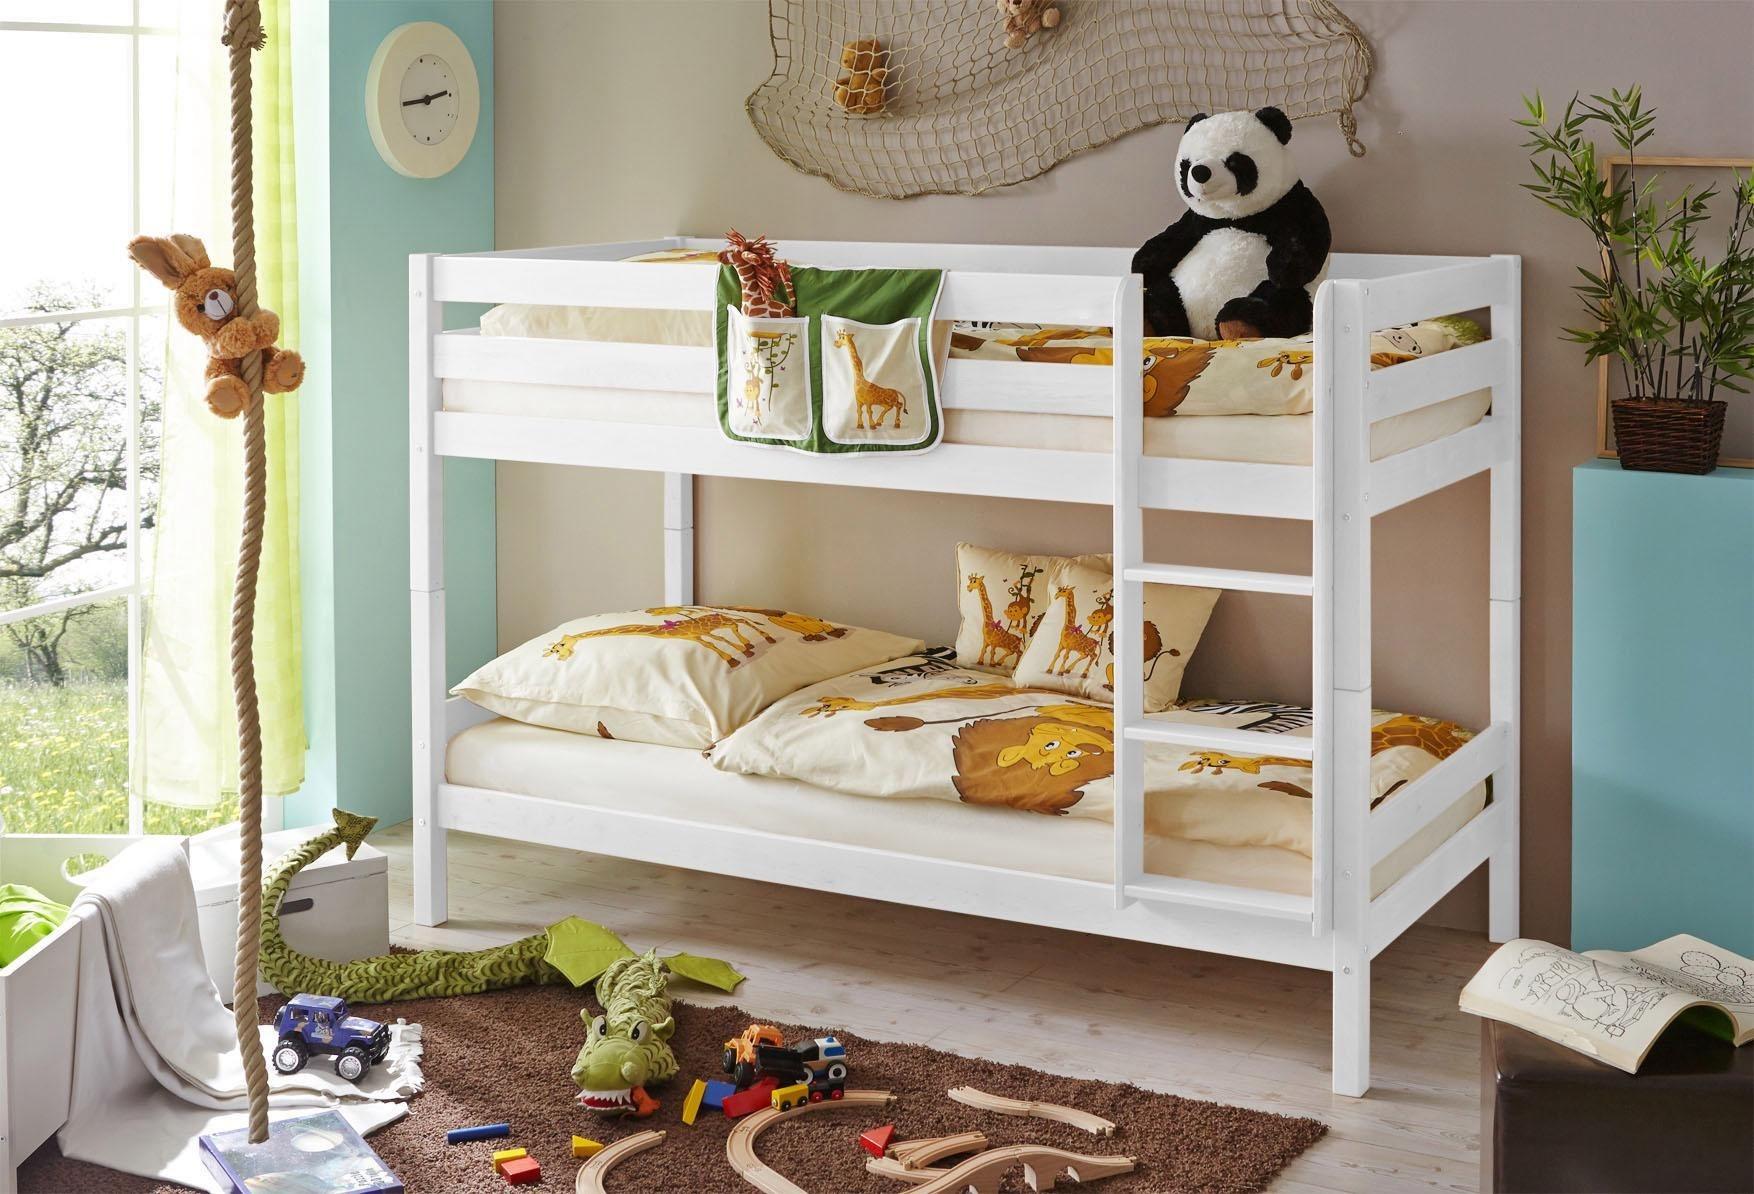 Ticaa Einzel-/Etagenbett »Lio«, Kiefer | Kinderzimmer > Kinderbetten > Etagenbetten | Kiefer | Ticaa